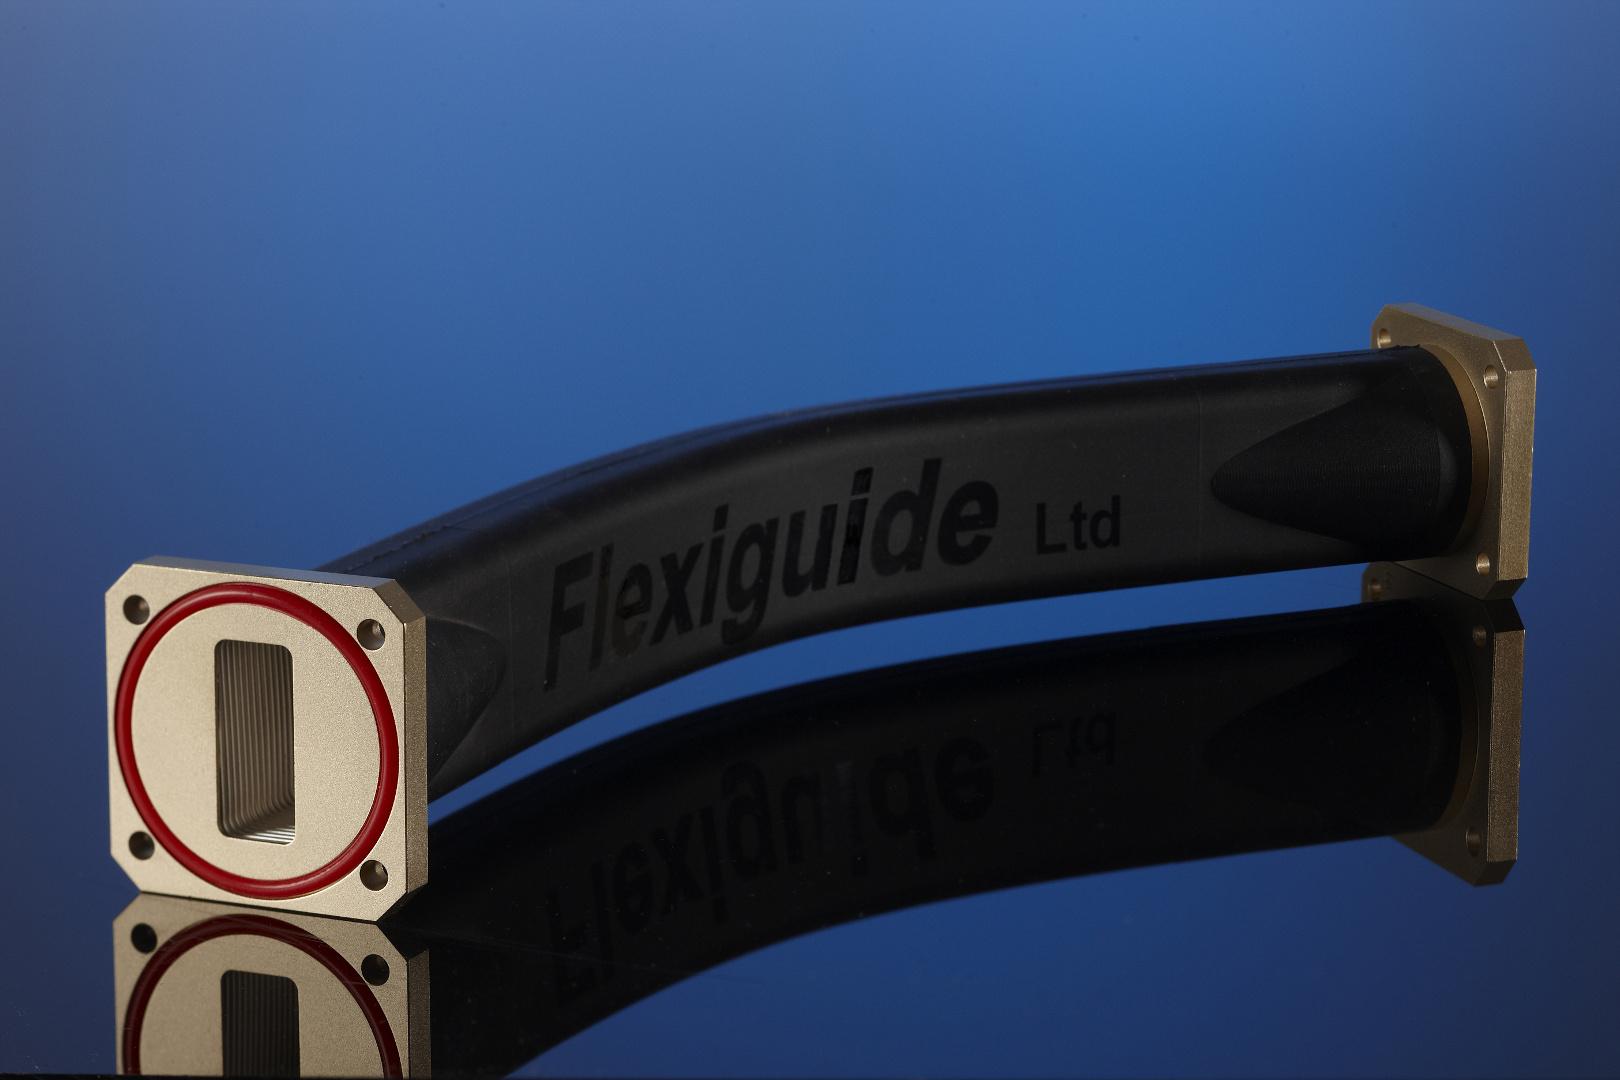 Flexiguide 14